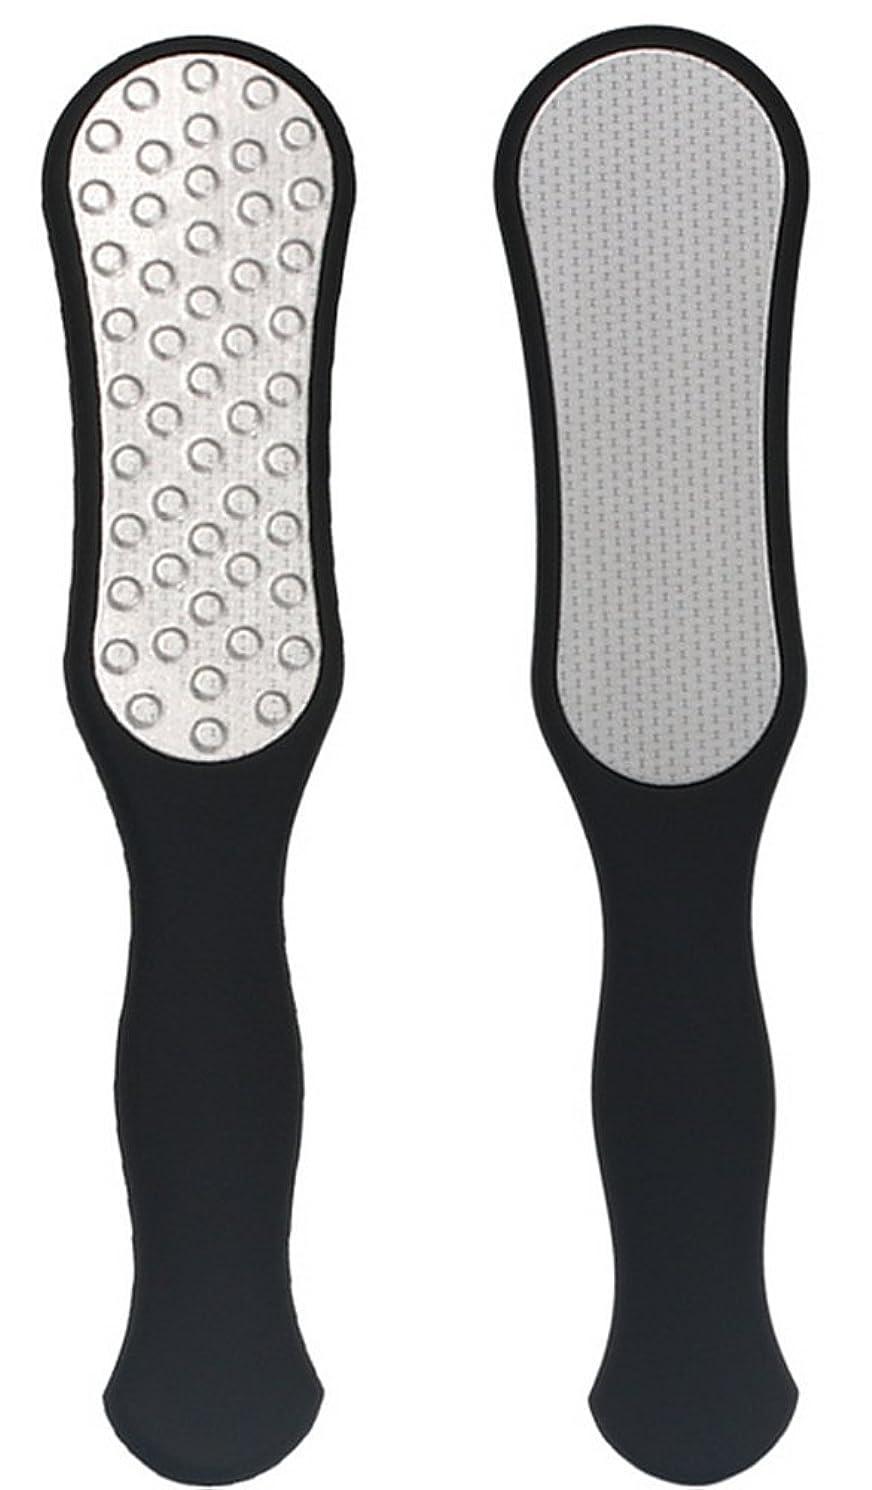 変な貼り直す水っぽいIvyOnly ビューティーフット足 かかと削り器 フットファイル 足裏ケアセット フット専用品 角質削り タコ 魚の目 除去 ステンレス製 錆びにくい (ブラック)